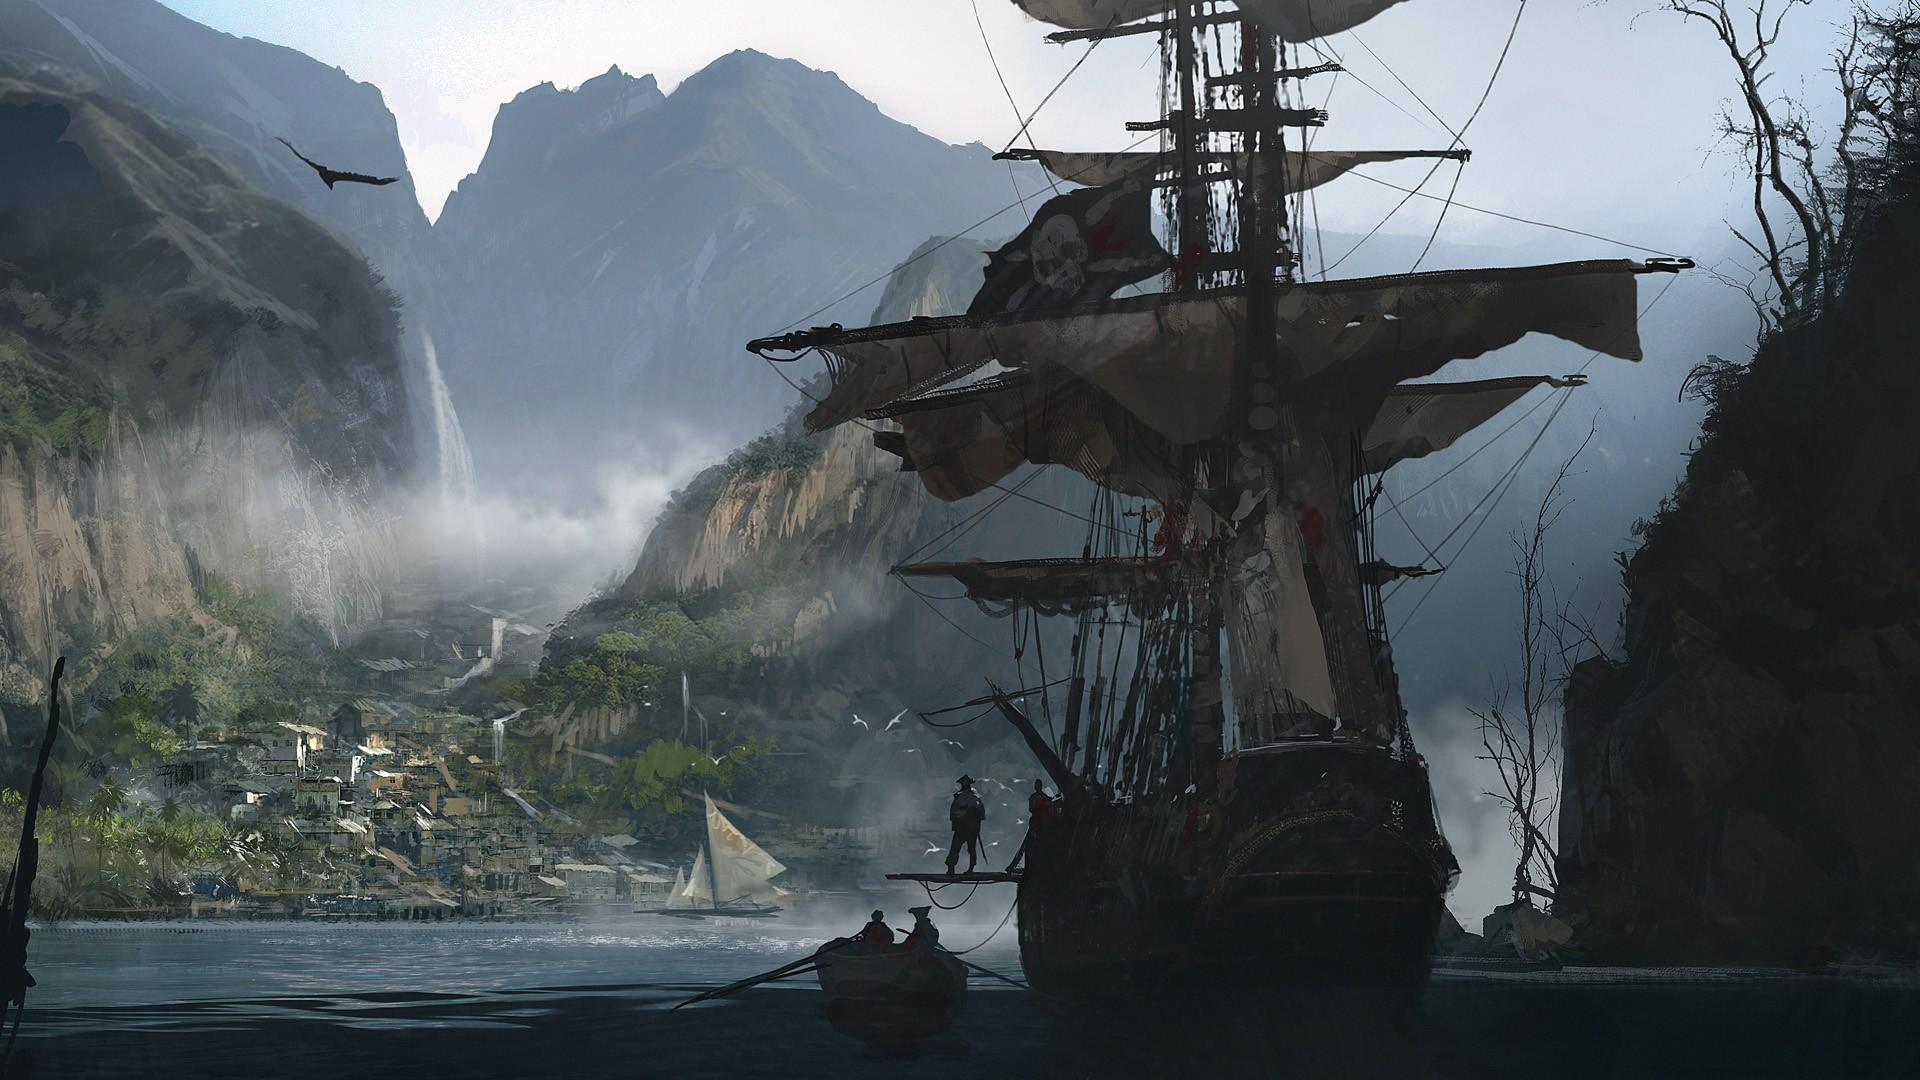 Fond D Ecran Les Pirates Bataille Navale Navire De Guerre Montagne Capture D Ecran 1920x1080 Px Assassins Creed Navire Naval 1920x1080 Wallhaven 847492 Fond D Ecran Wallhere